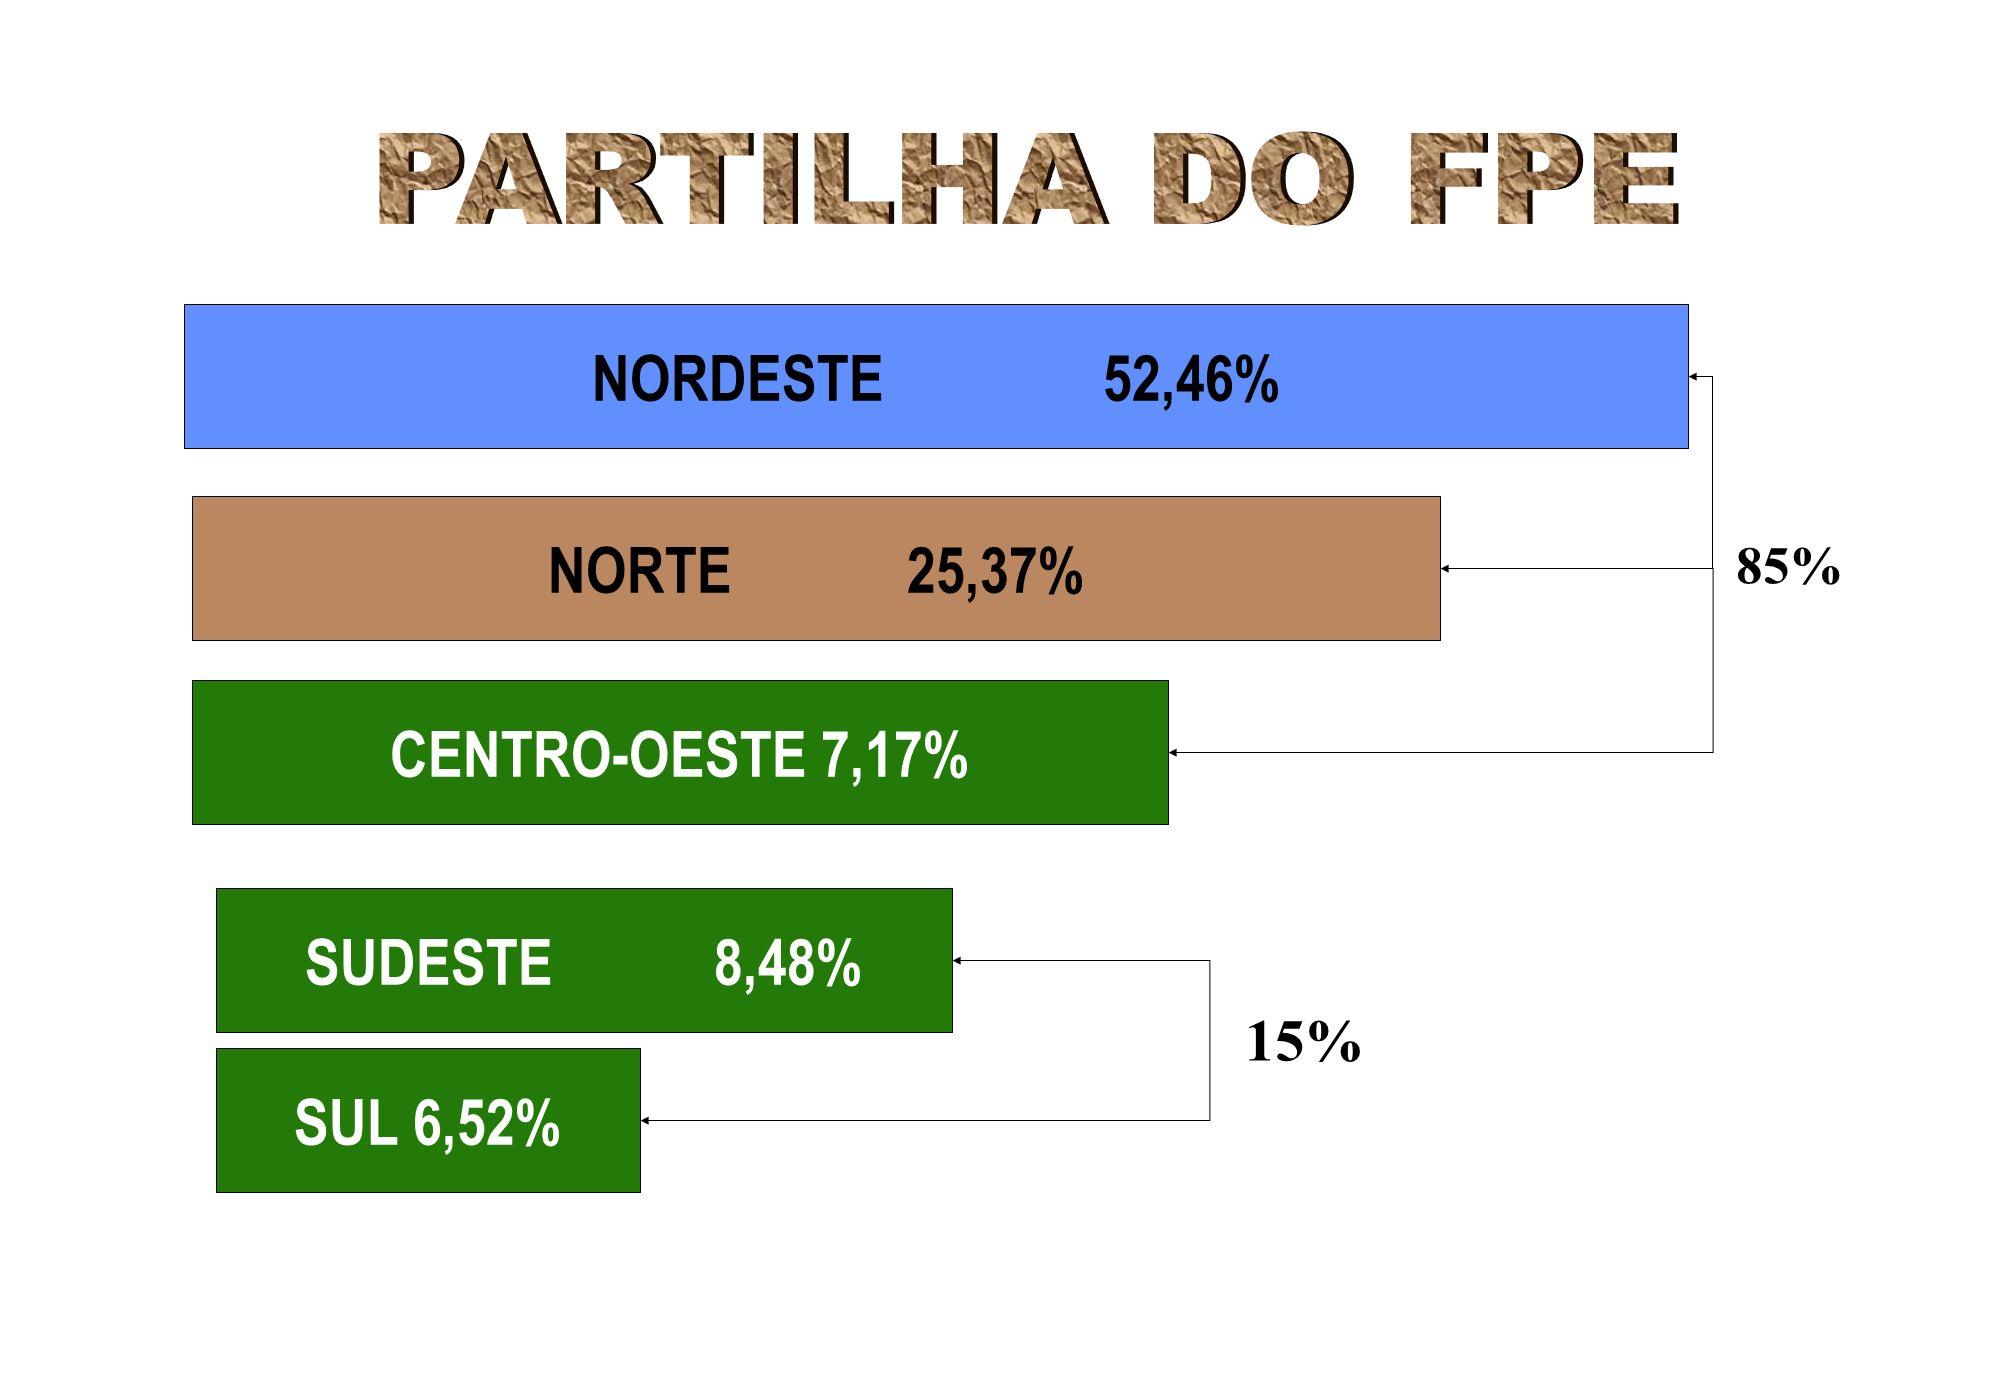 NORDESTE 52,46% NORTE 25,37% CENTRO-OESTE 7,17% SUDESTE 8,48%